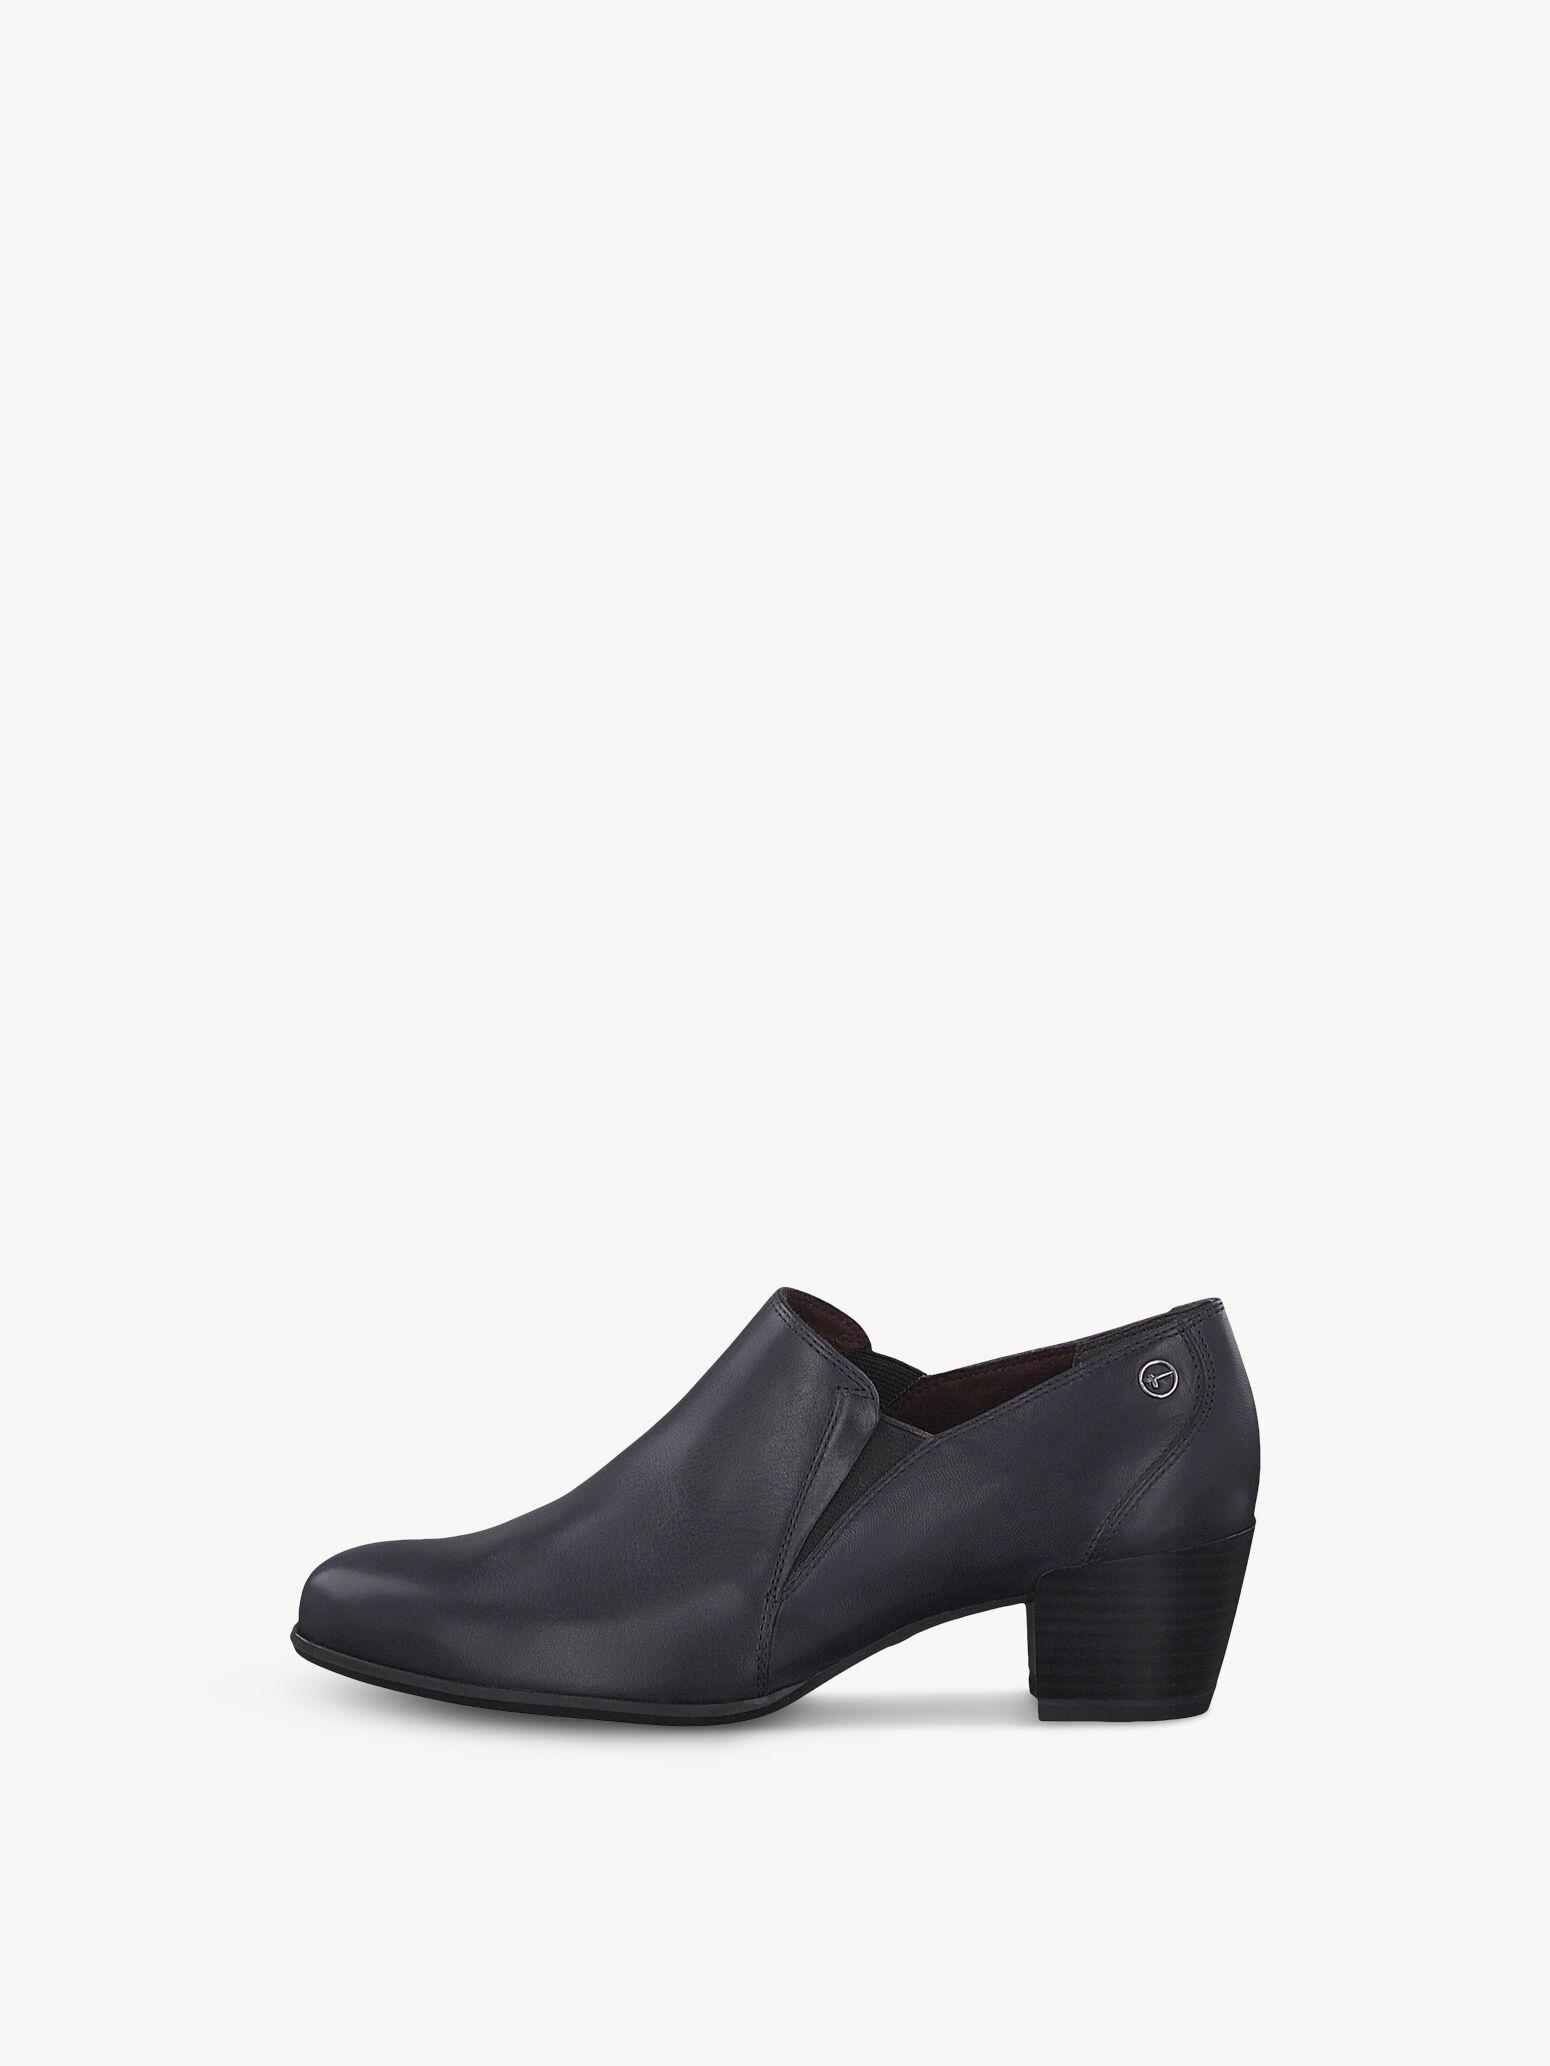 Details zu Damen Schuhe Mokassins Slipper Loafer TAMARIS Gr 39 cognac braun Leder